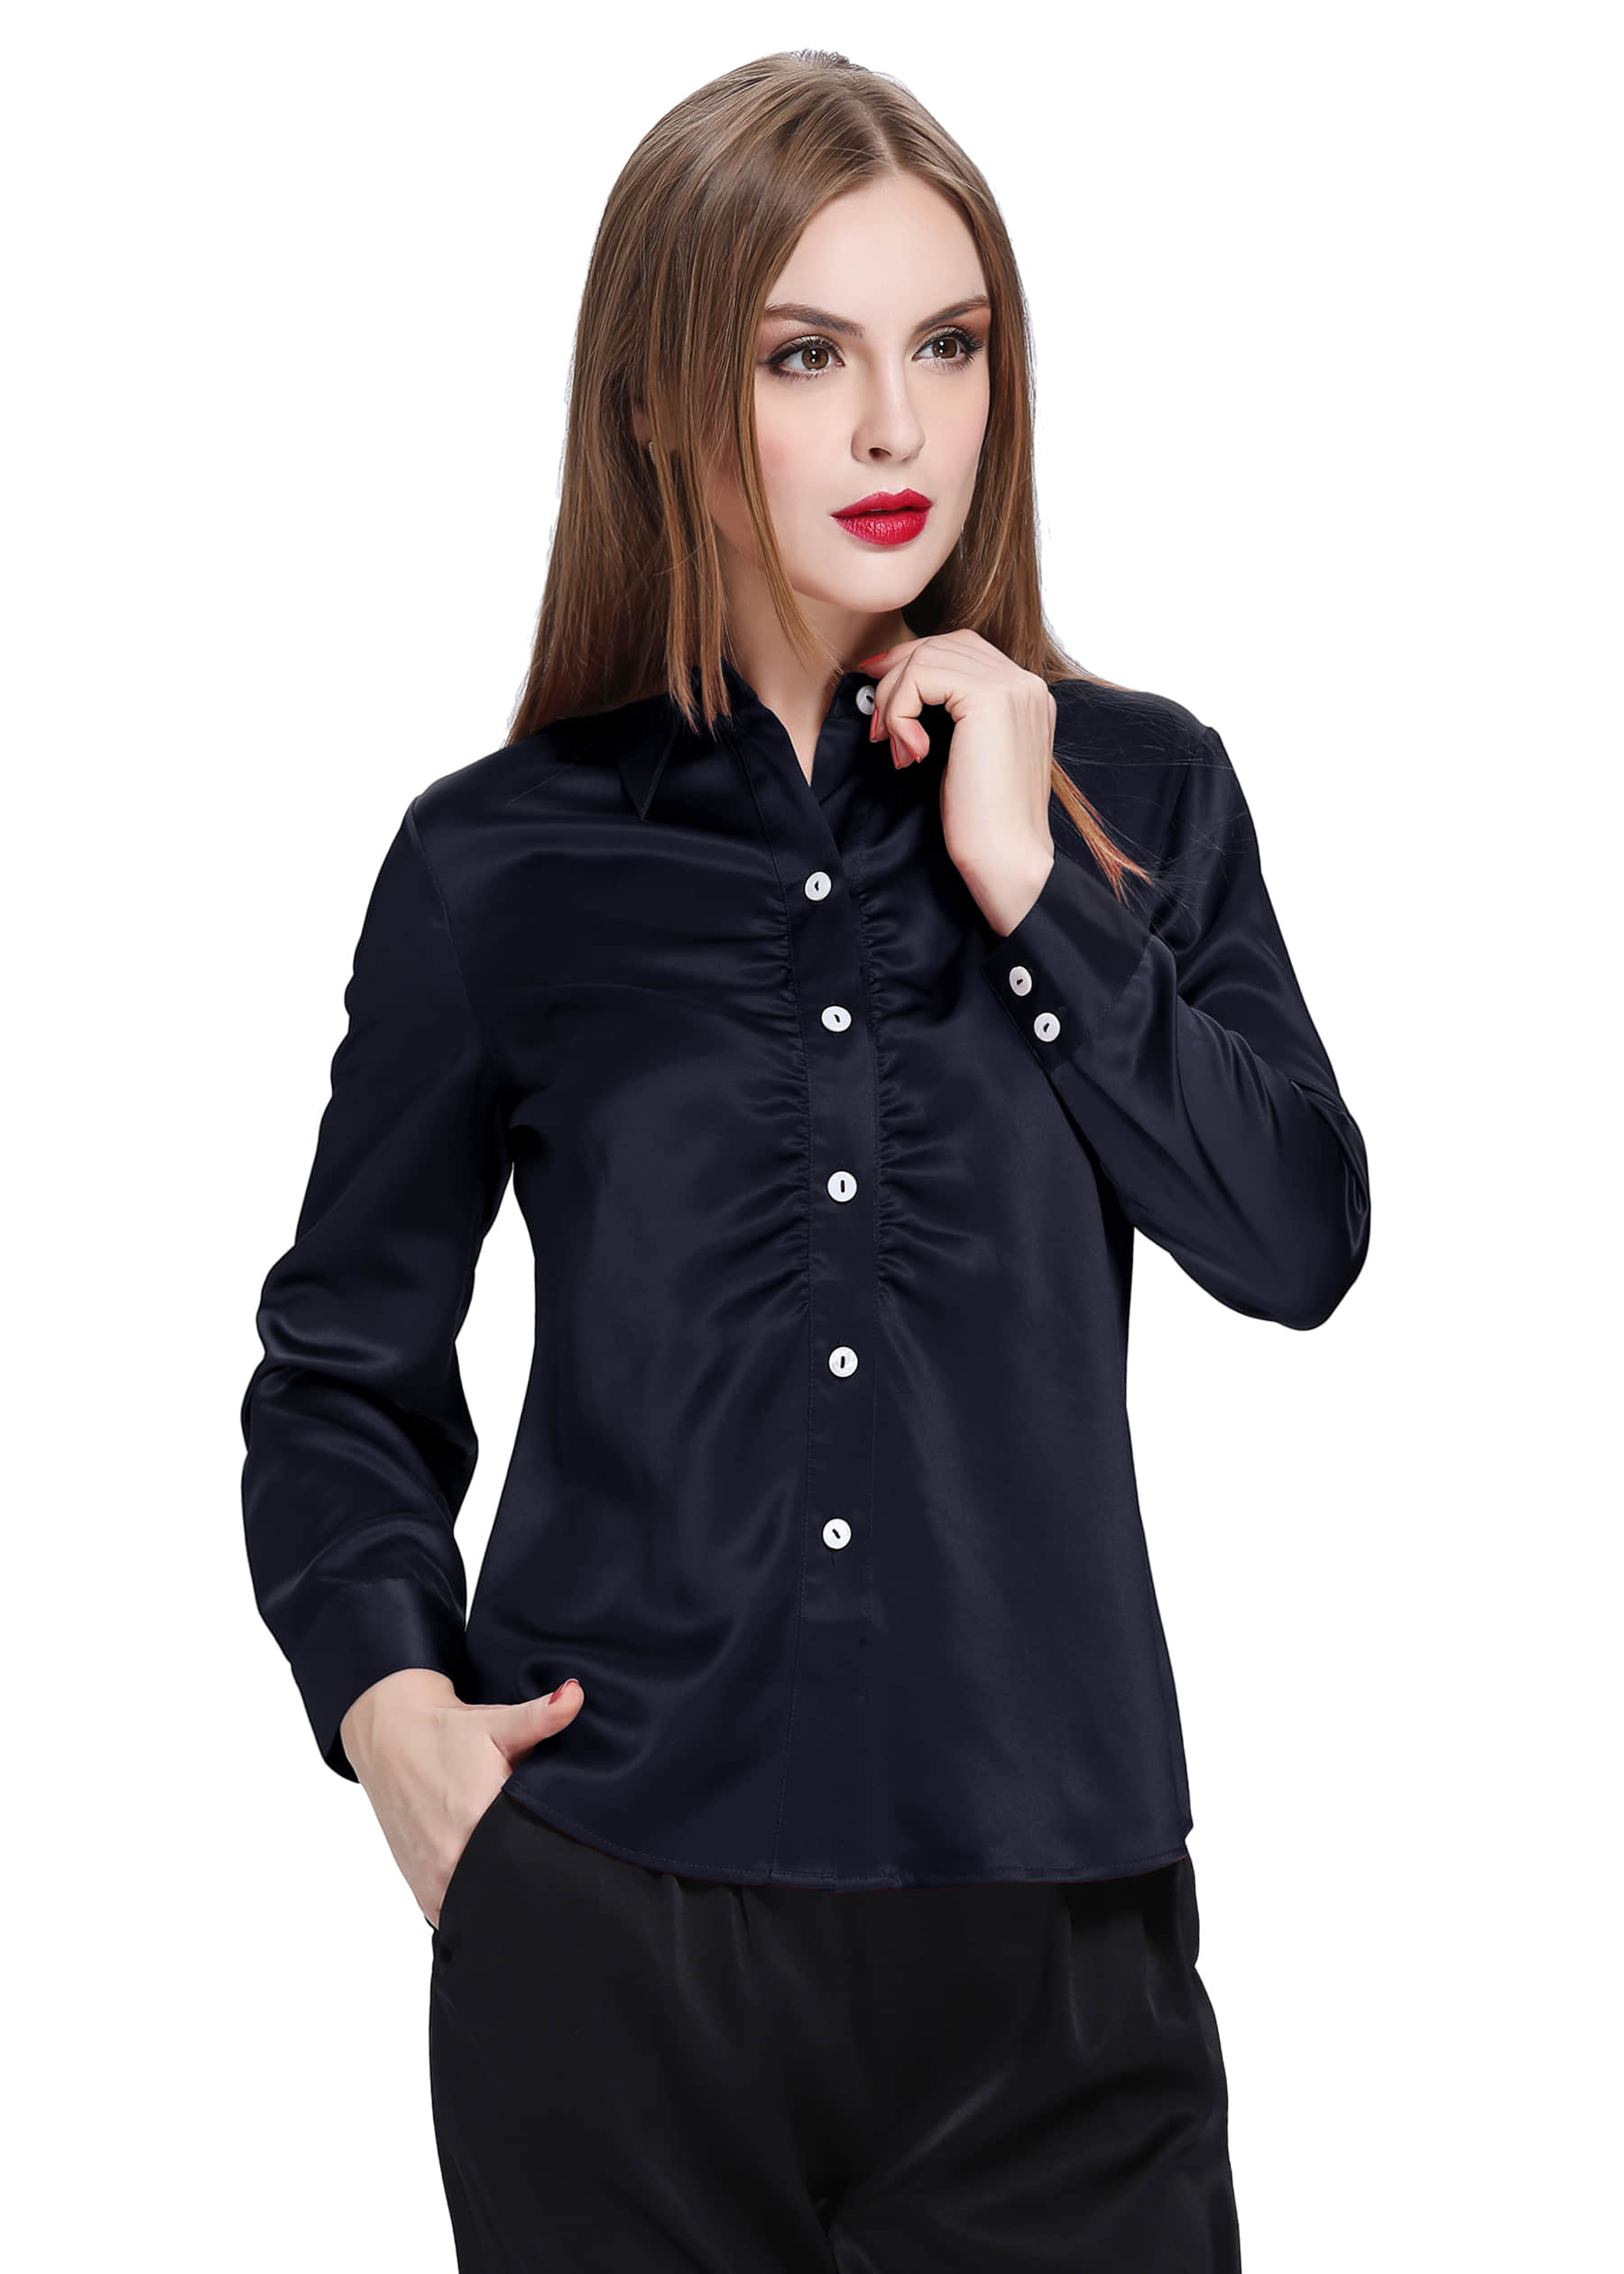 Claret Silk Shirt For Women